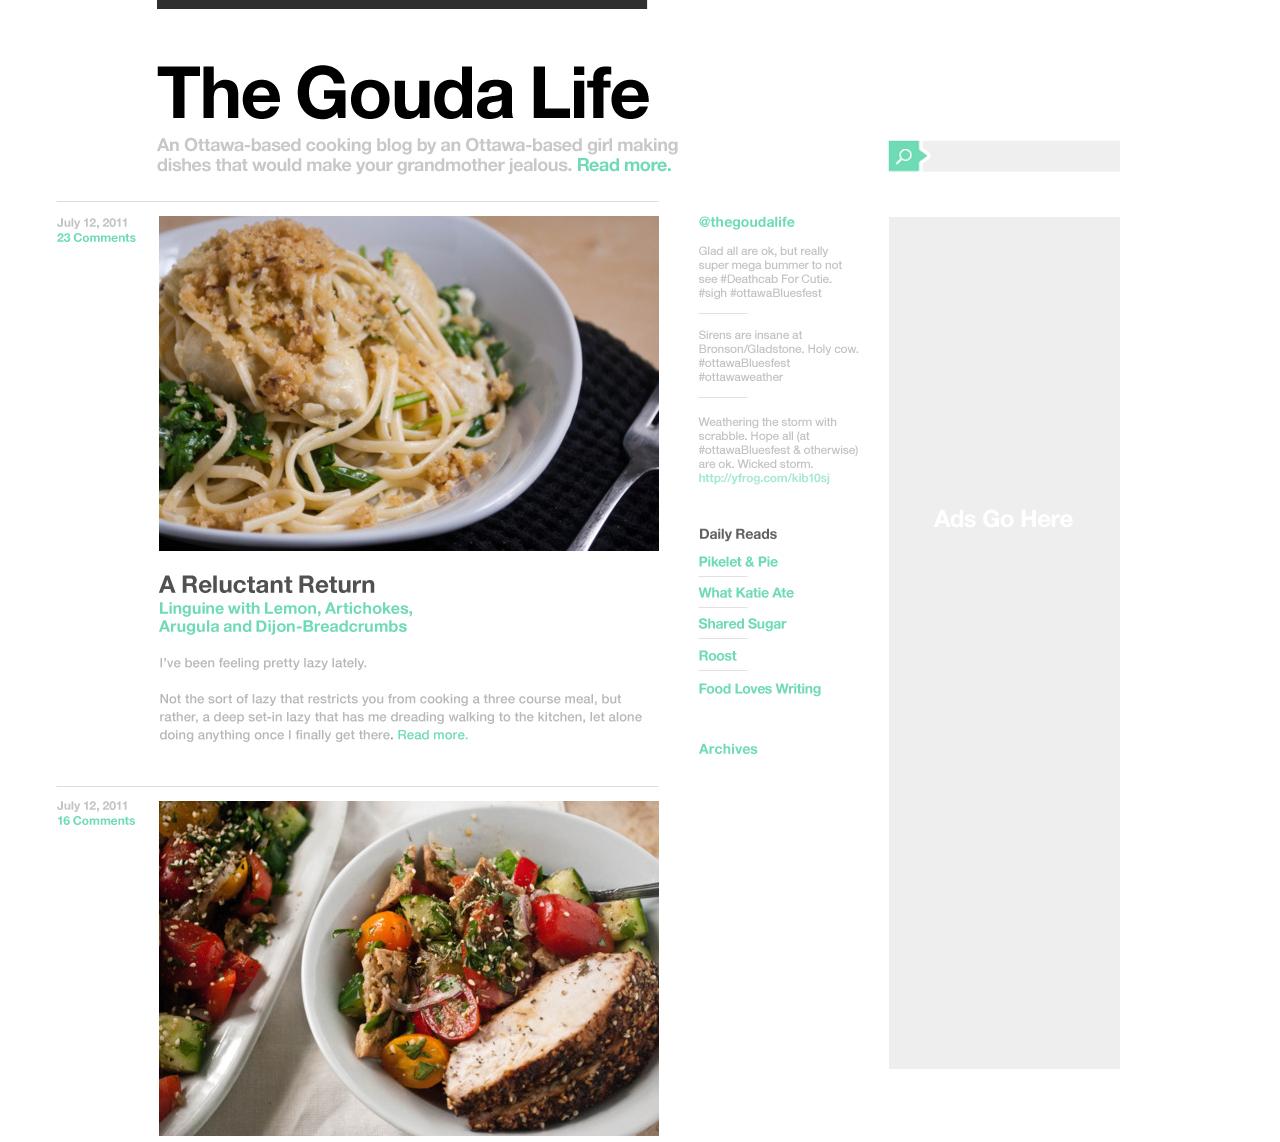 GL-homepage.jpg by Steve St. Pierre